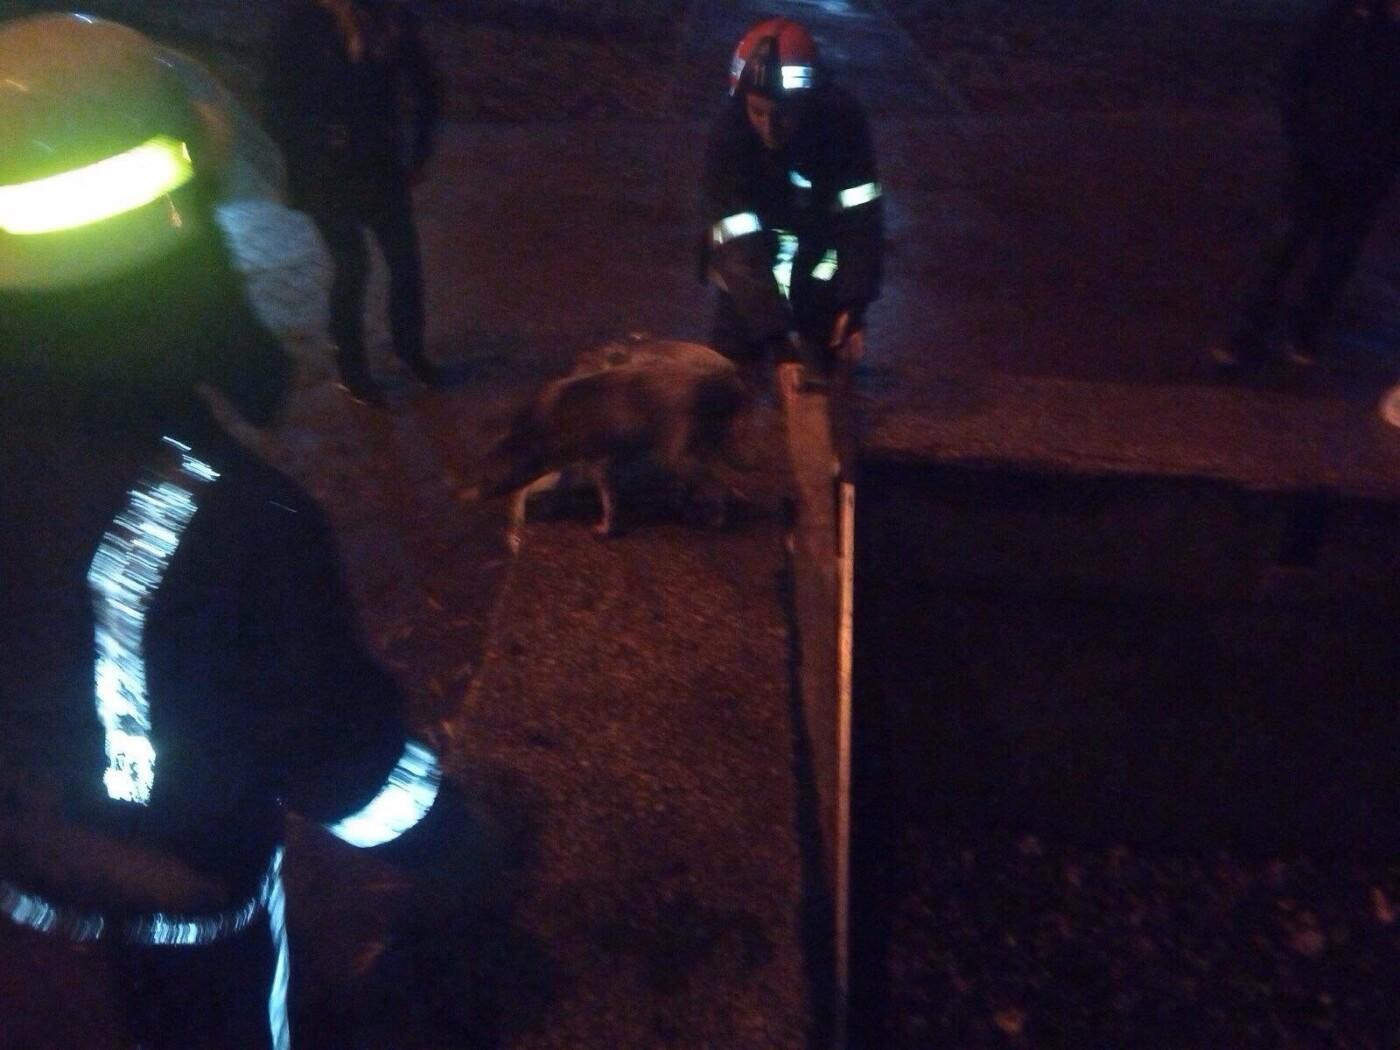 В Кривом Роге спасатели достали собаку, угодившую на дно бассейна, - ФОТО, фото-1